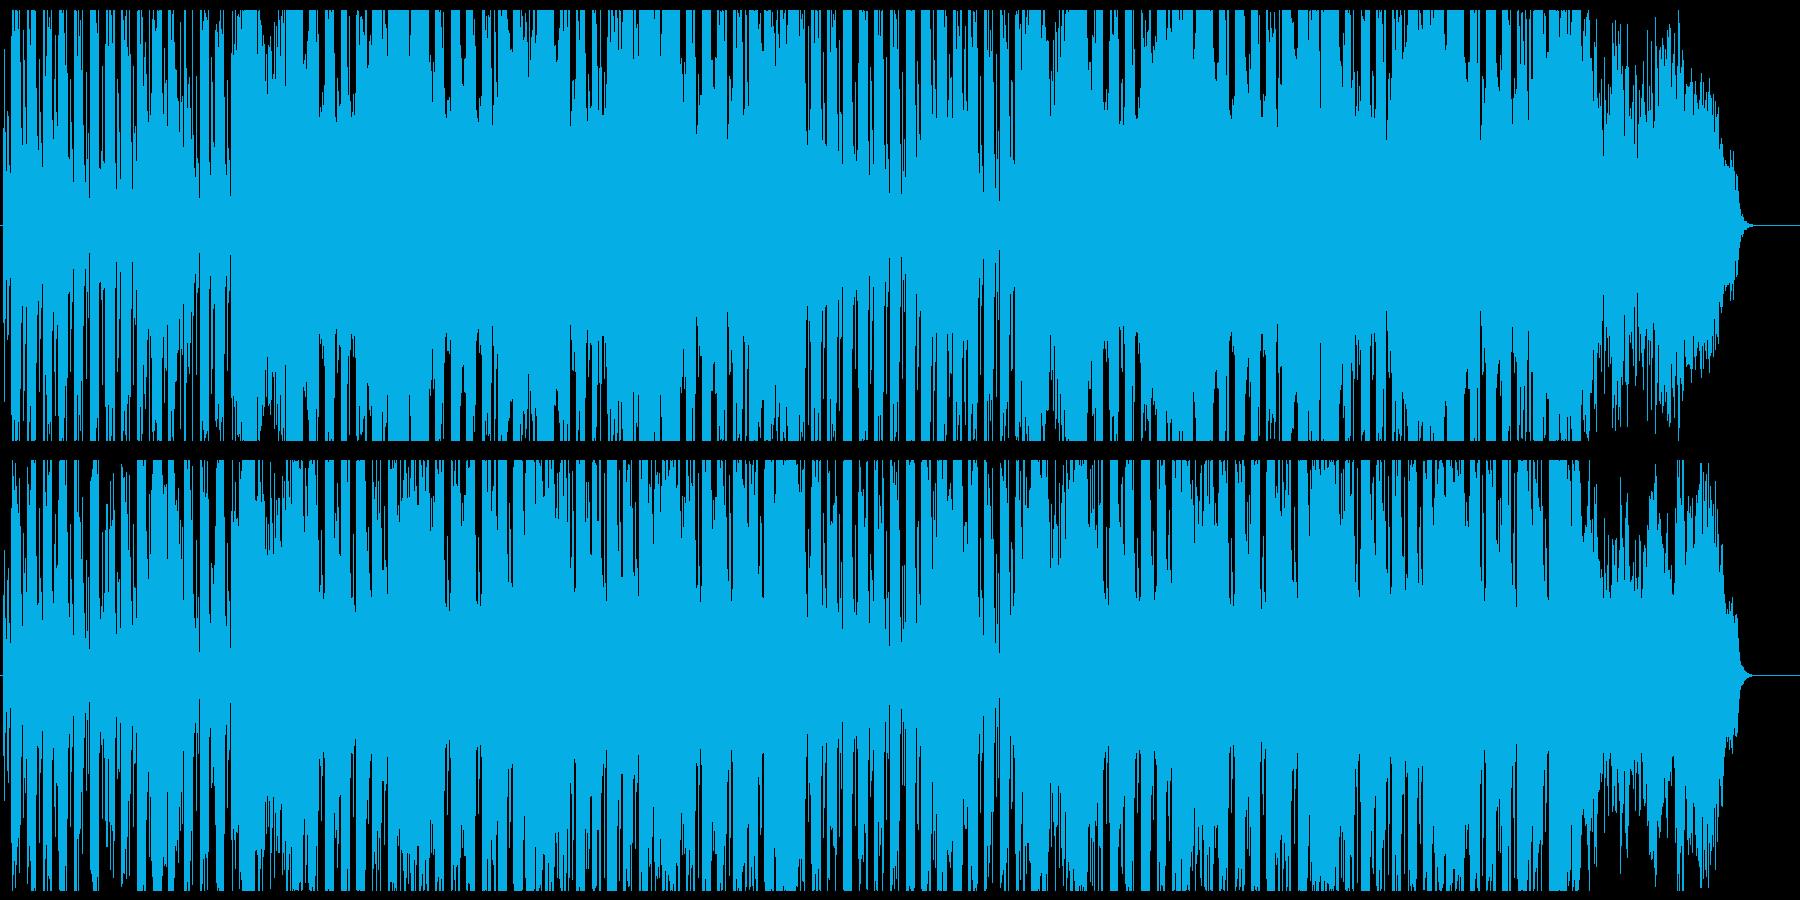 和楽器とシンセの和風楽曲の再生済みの波形